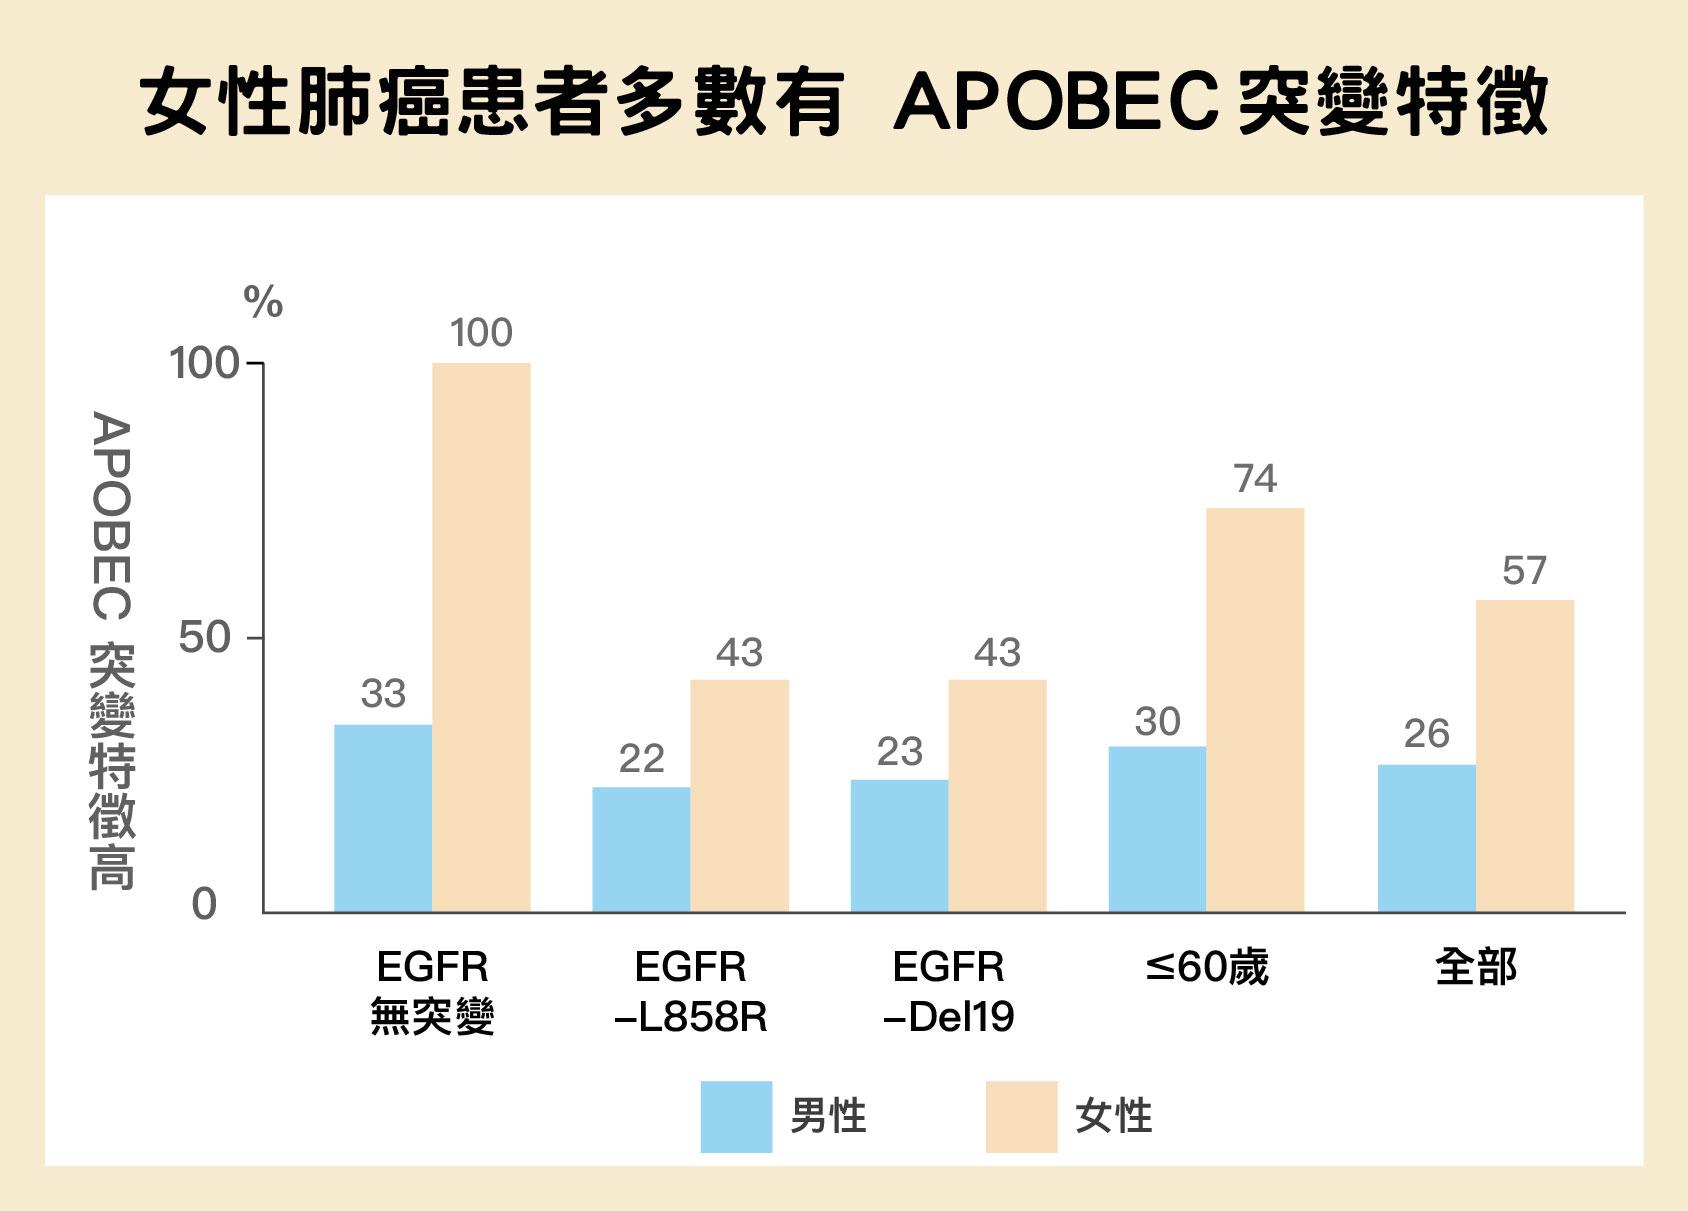 女性比男性更容易具有 APOBEC突變特徵,特別是 EGFR 沒有突變的情況下,更是百分之百具有這種突變特徵。圖│陳玉如